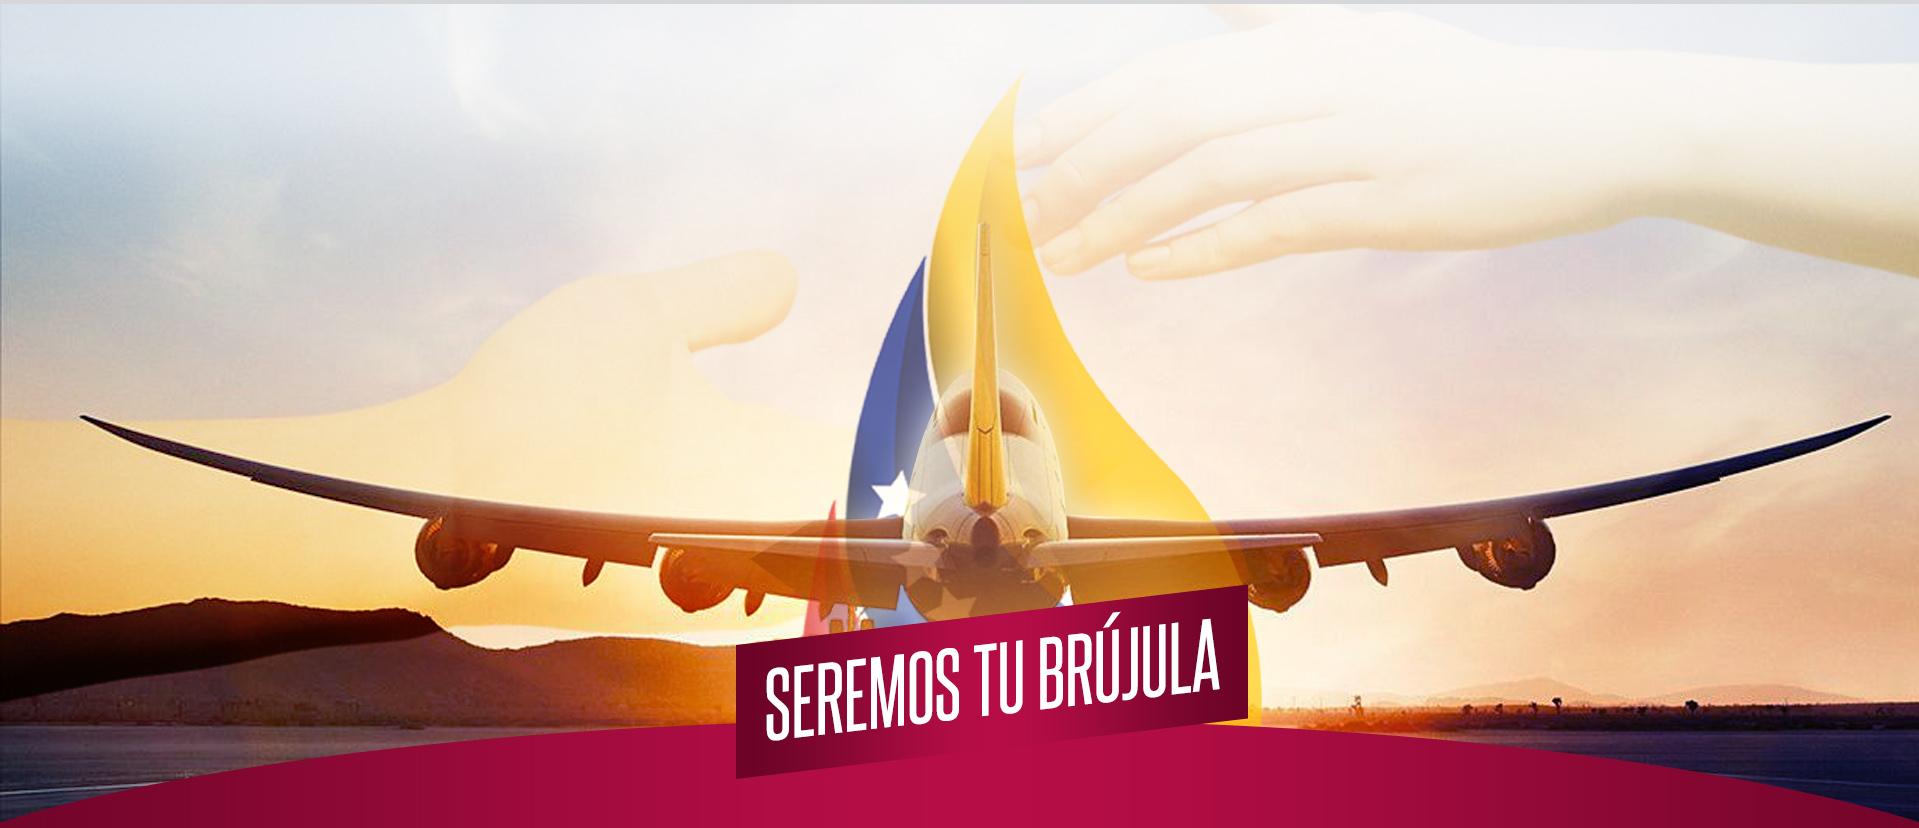 comunidad venezuela - banner